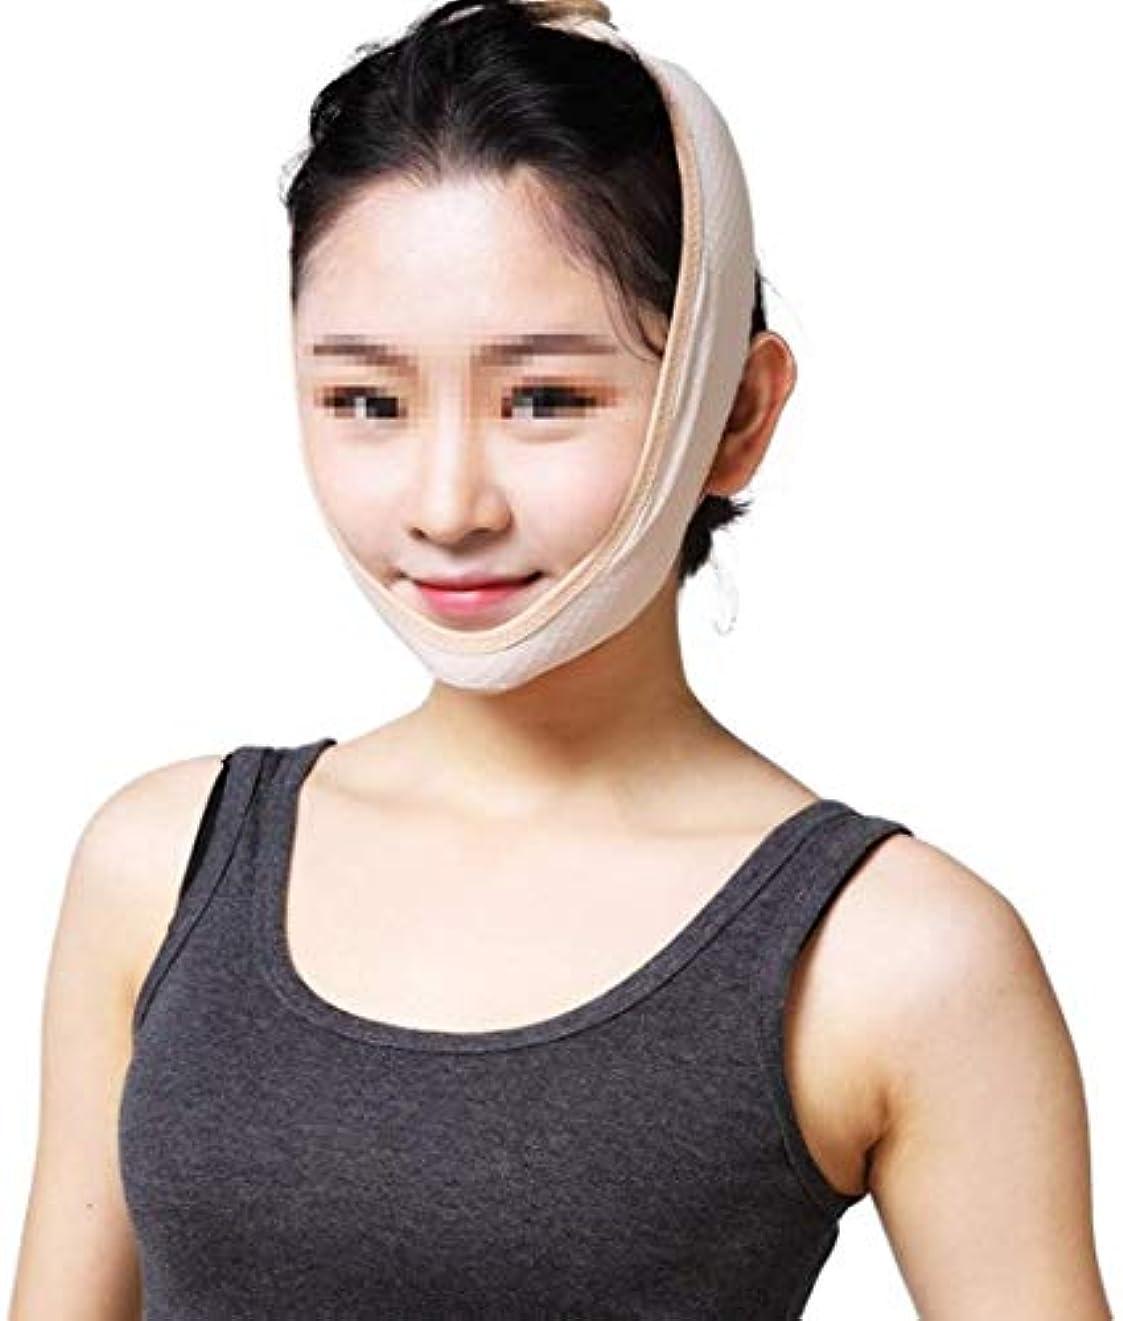 治世答え余暇美しさと実用的なフェイスリフティング包帯、口を開けて眠るのを防ぐ女性の通気性のいびきベルトいびきアーティファクトアンチあごの脱臼の修正修正包帯いびき装置